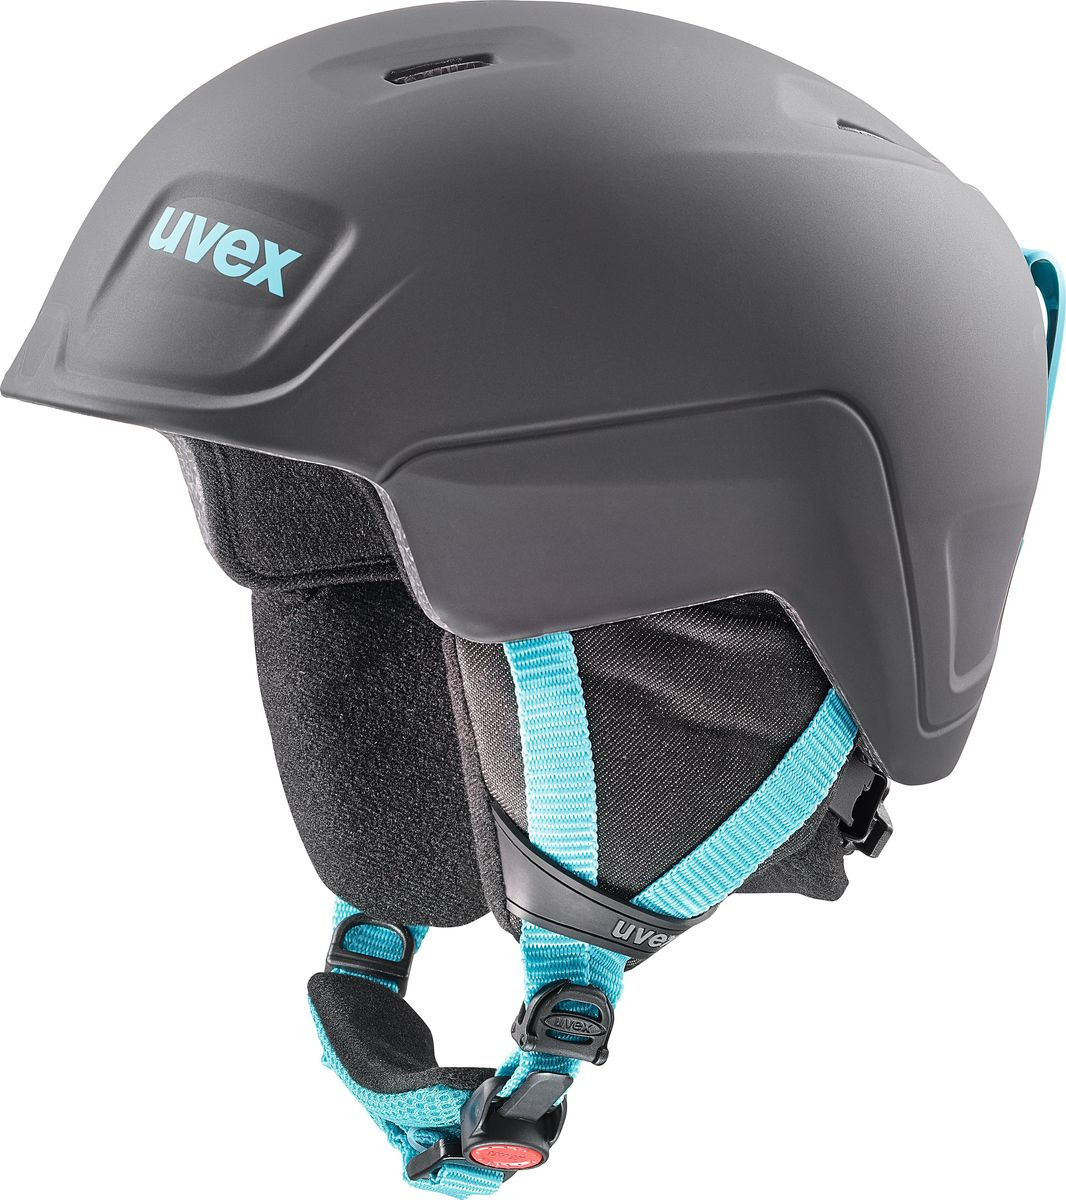 Шлем горнолыжный для мальчика Uvex Manic Pro Kid's Helmet, 6224-24, черный, синий. Размер 46/50